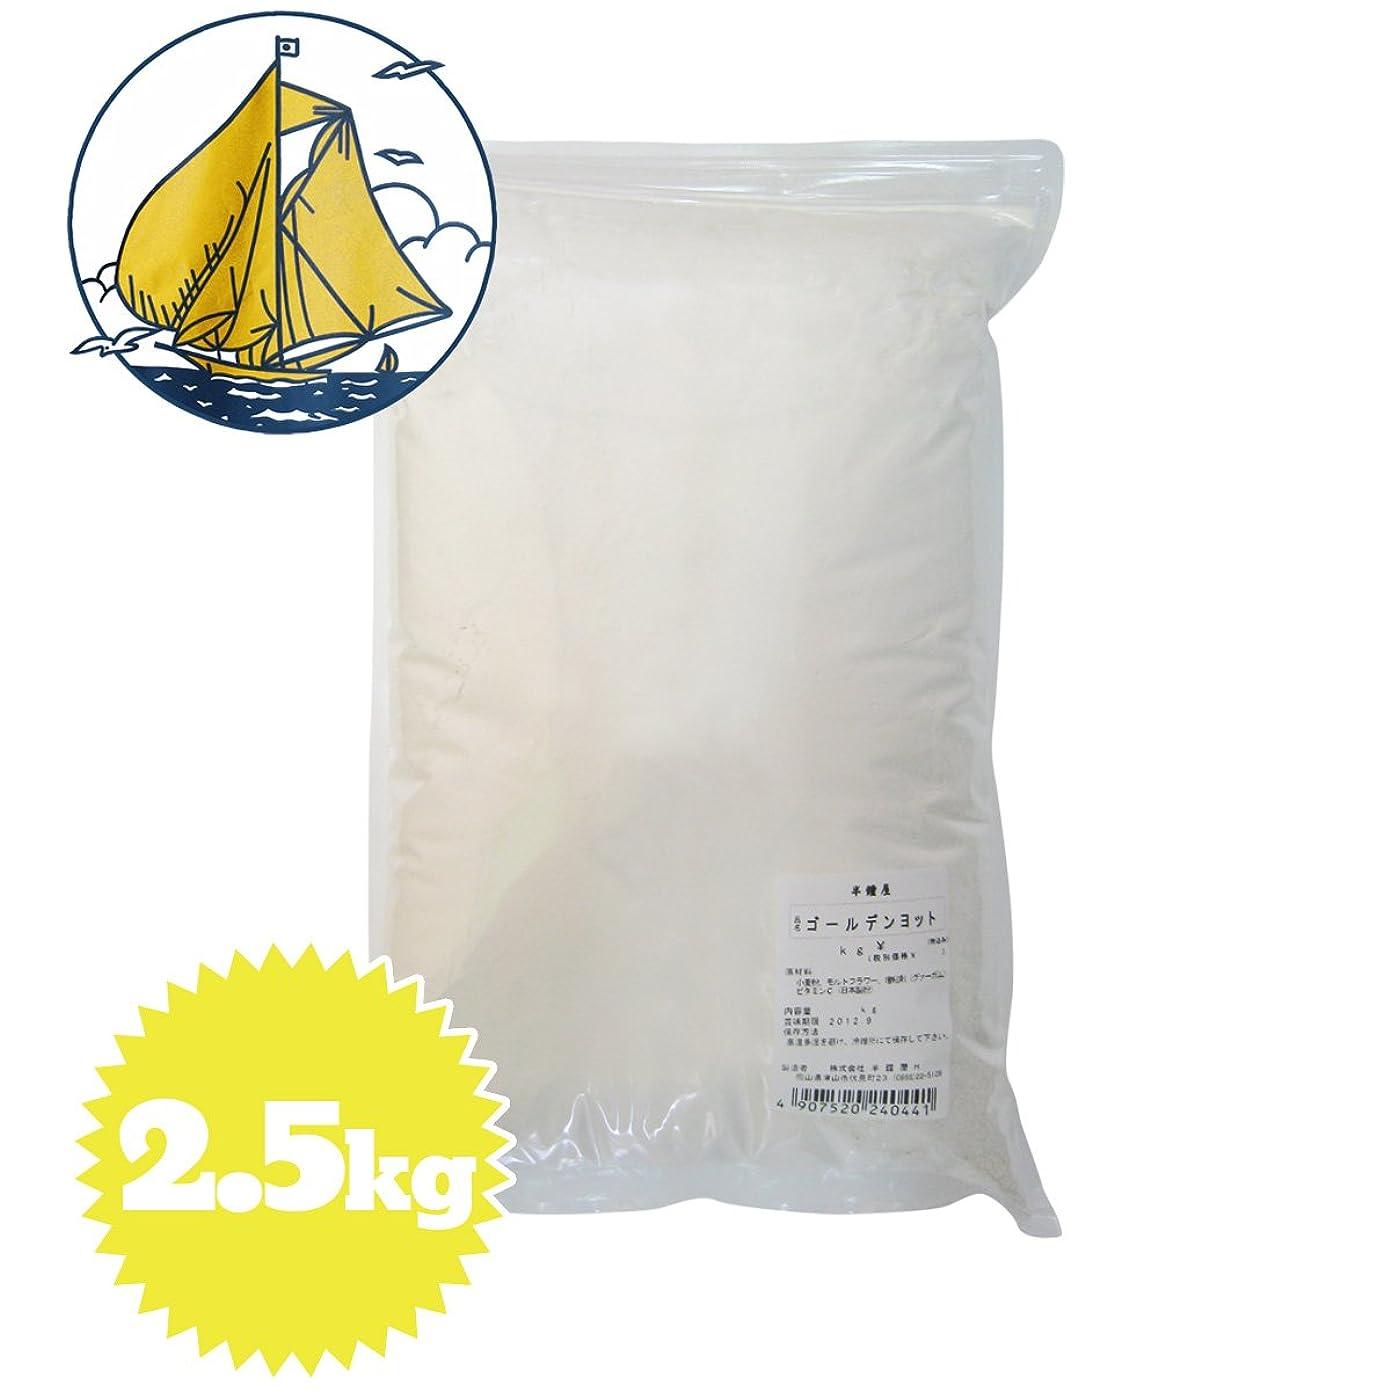 定期的百年自宅で強力粉 mamapan スーパーノヴァ 1CW パン用小麦粉 2.5kg